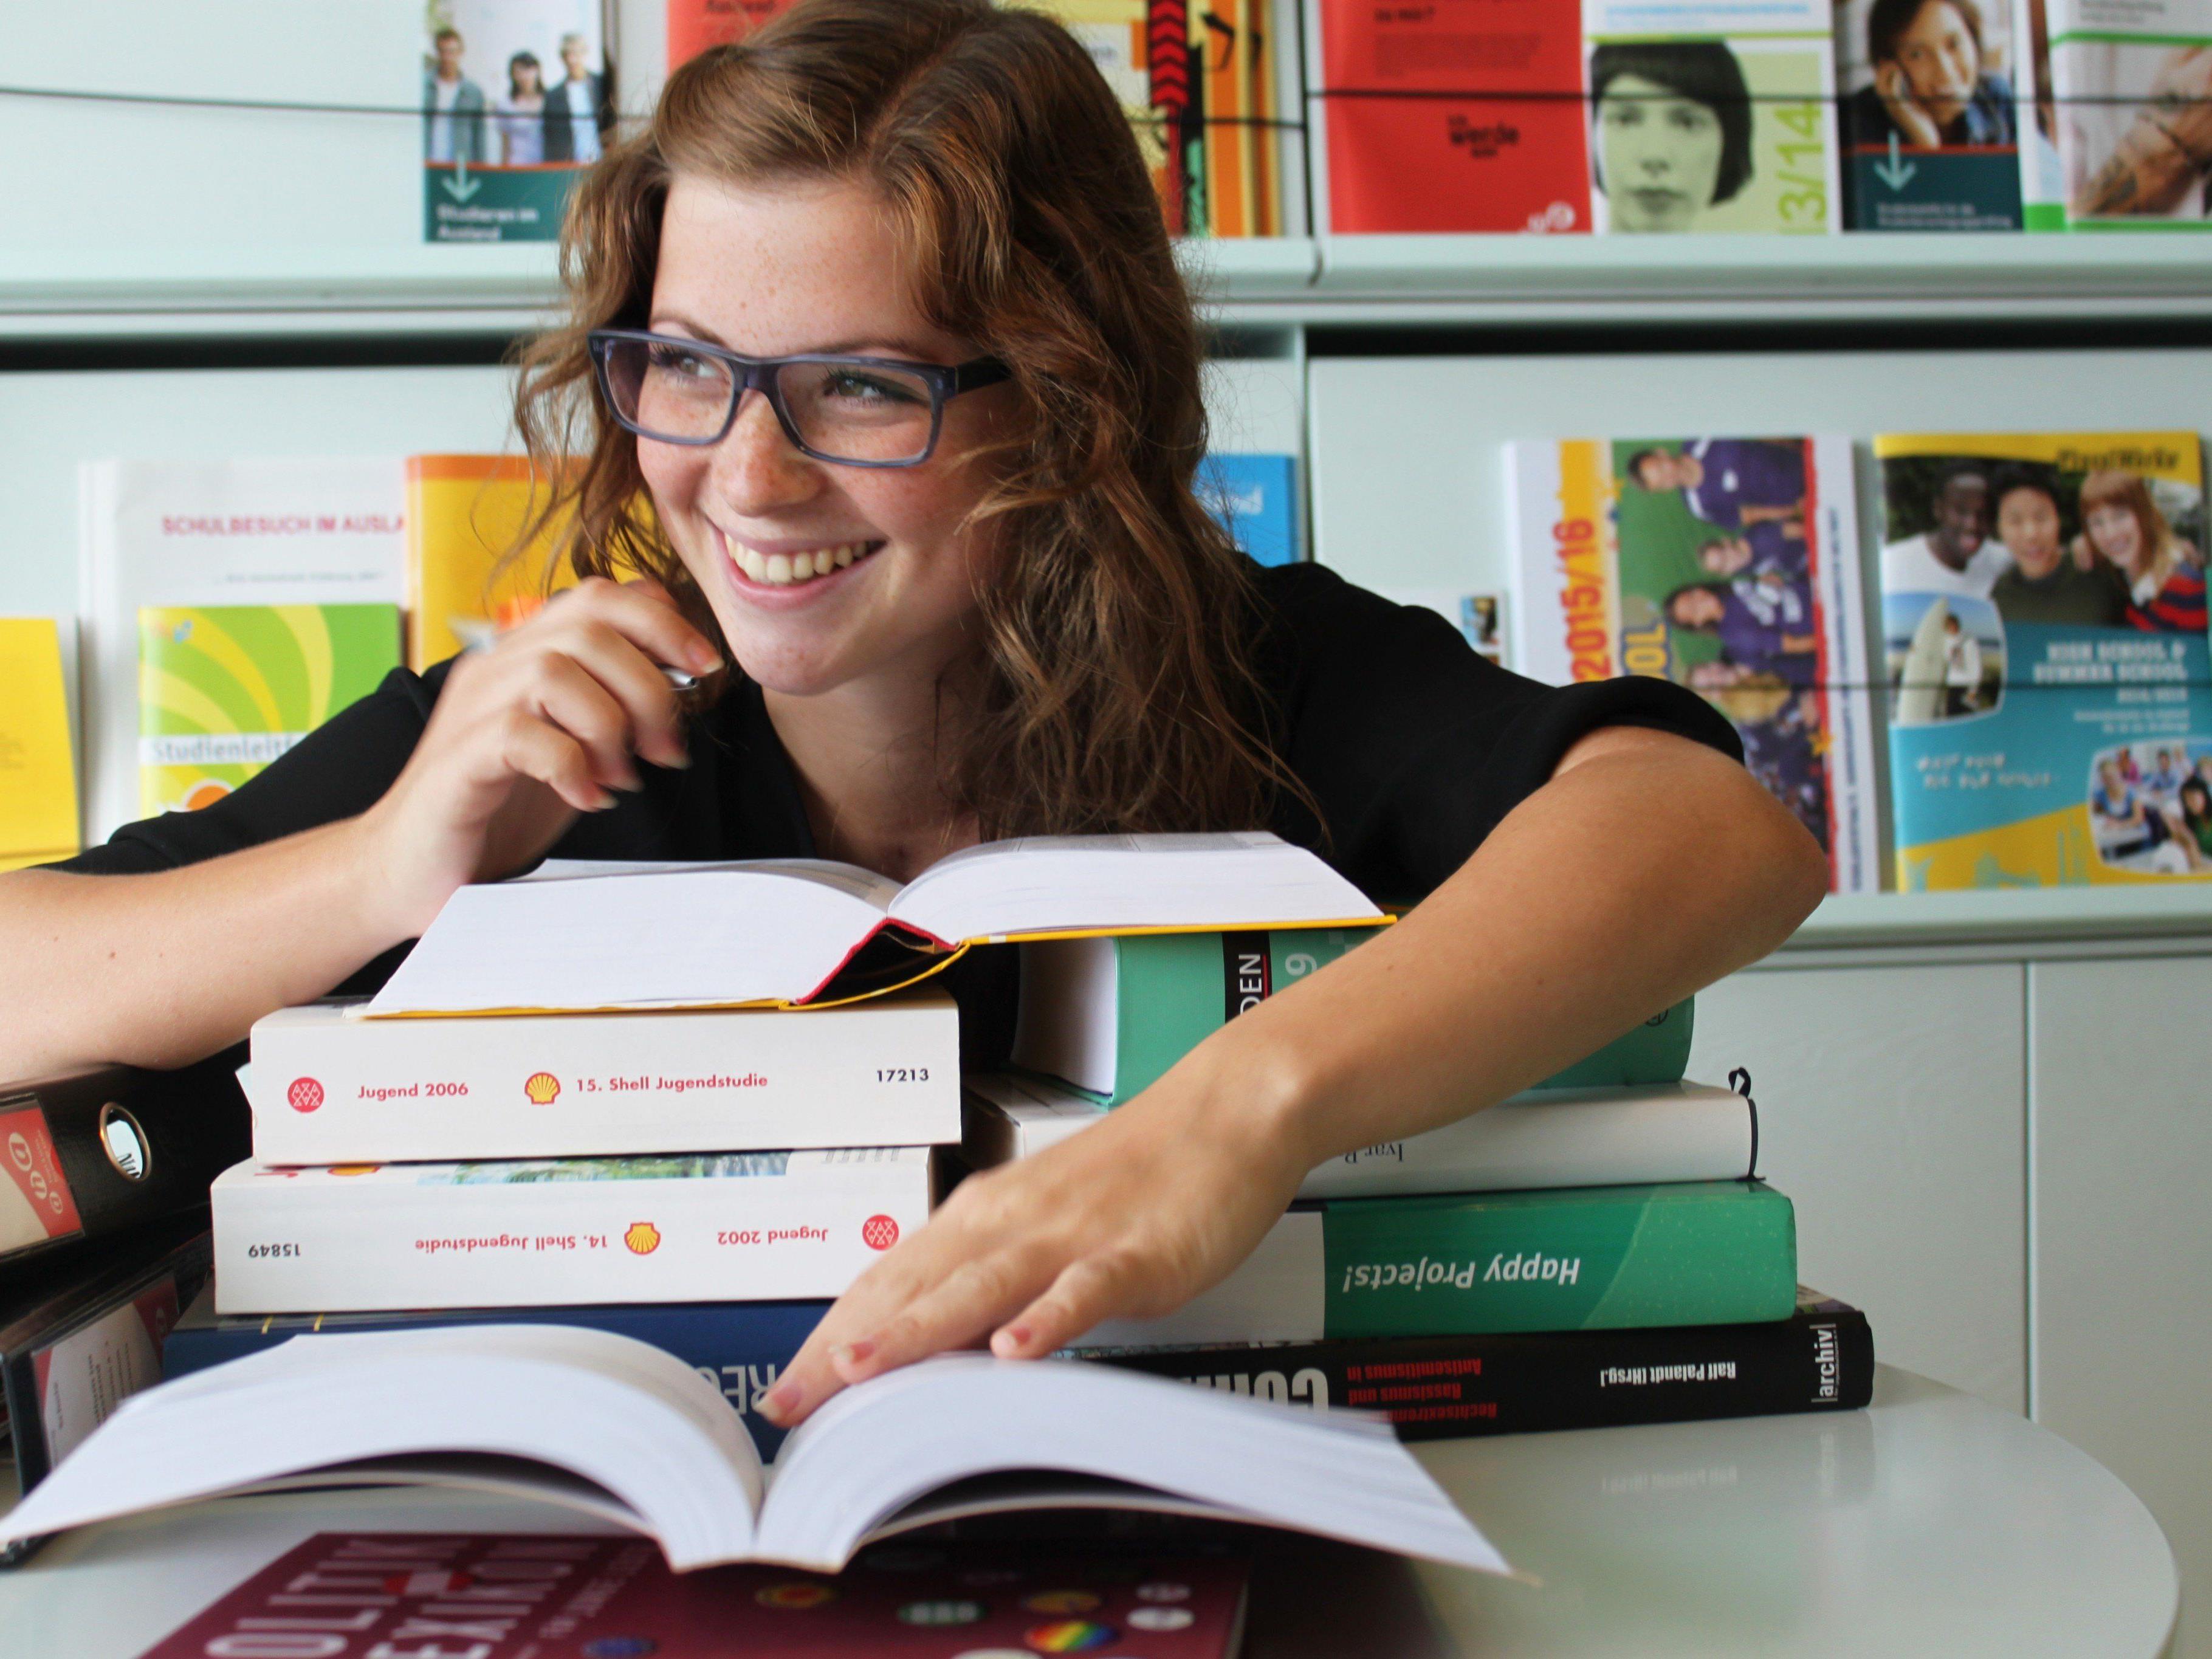 Nützliche Informationen für Studierende gibt es im aha.